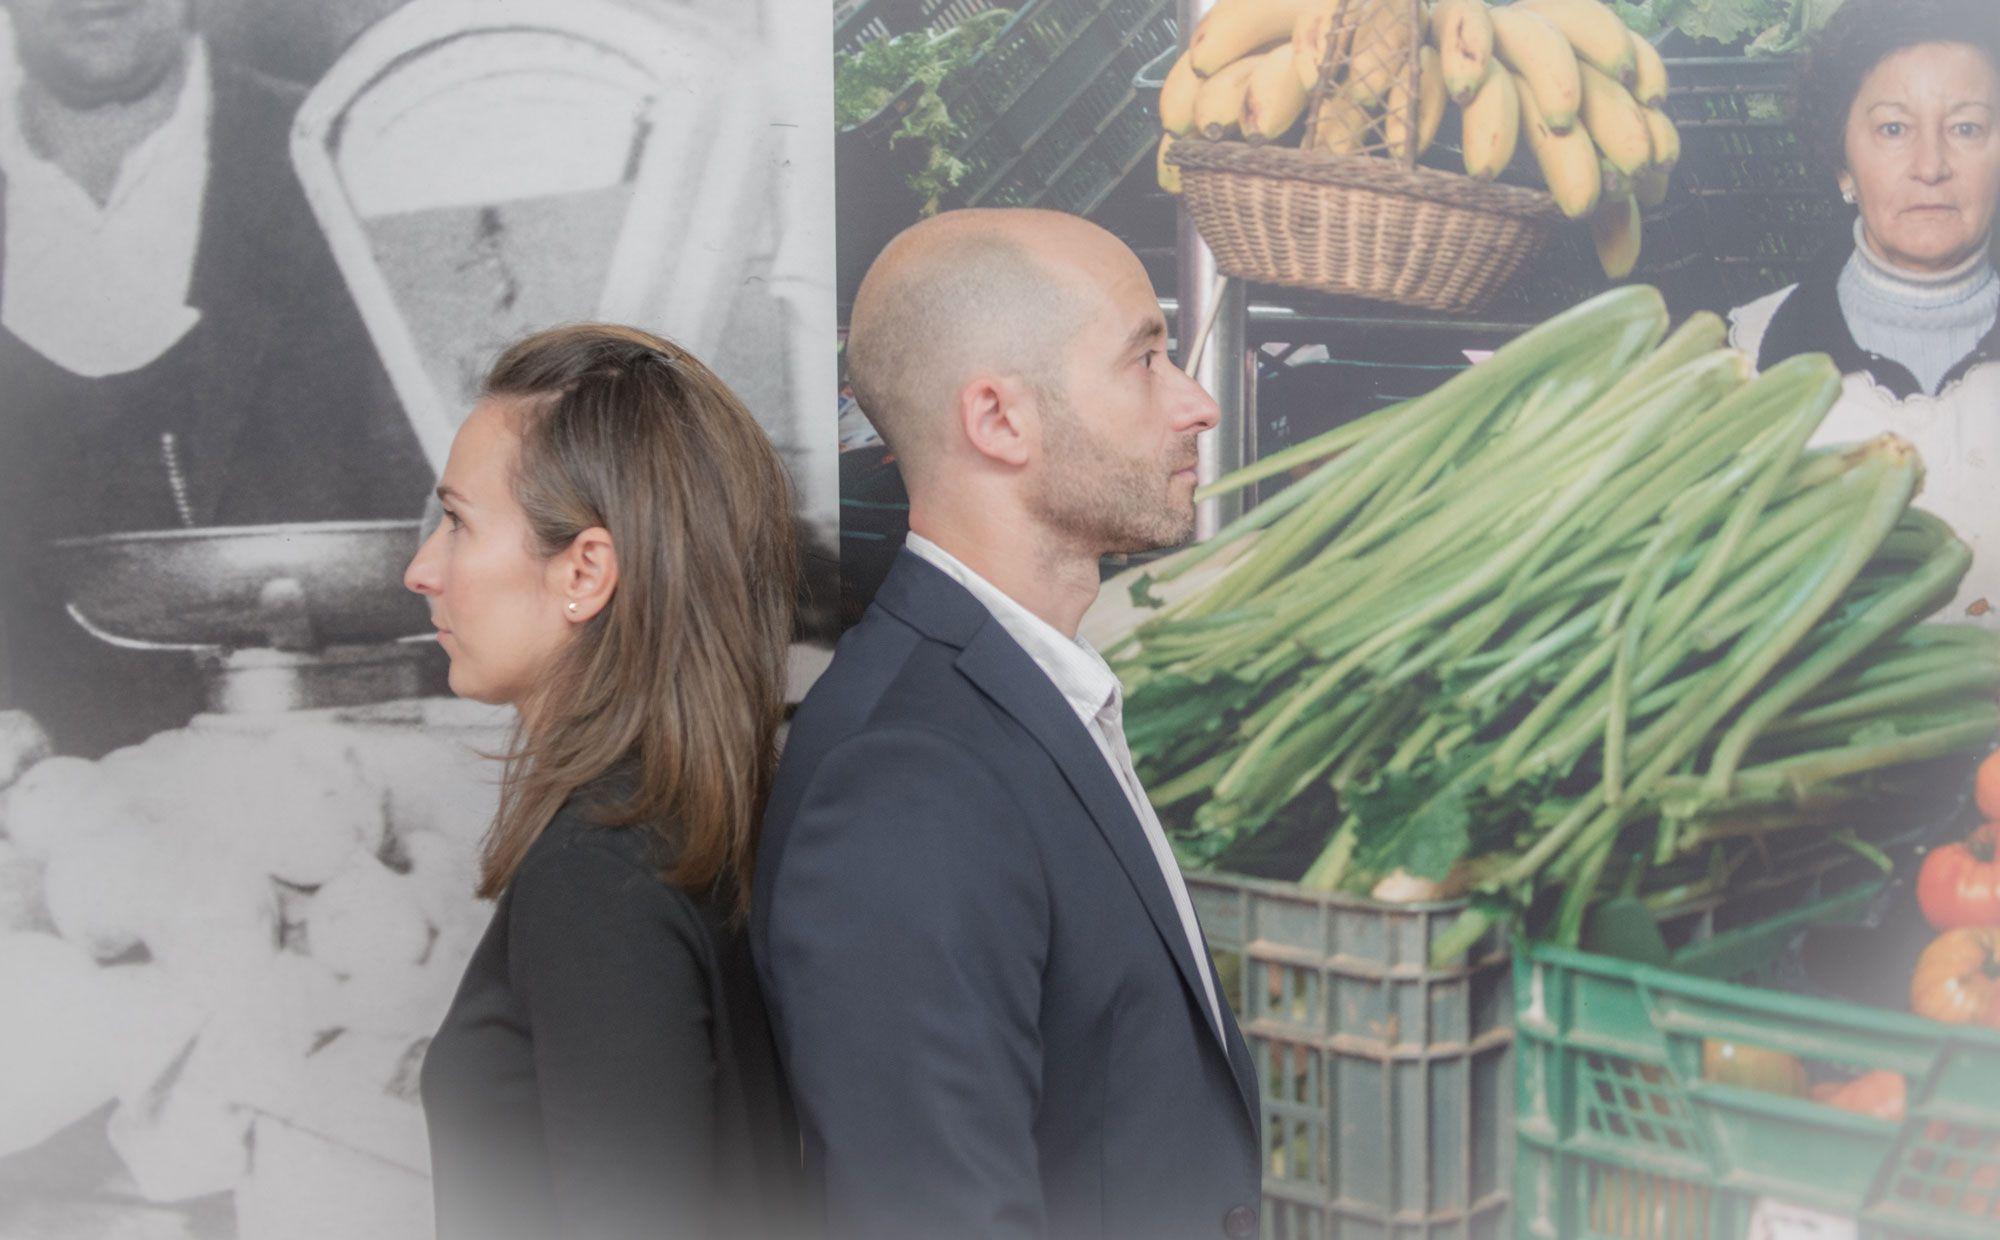 Espanto presenta Fruta y verdura en las entrevista chamberga